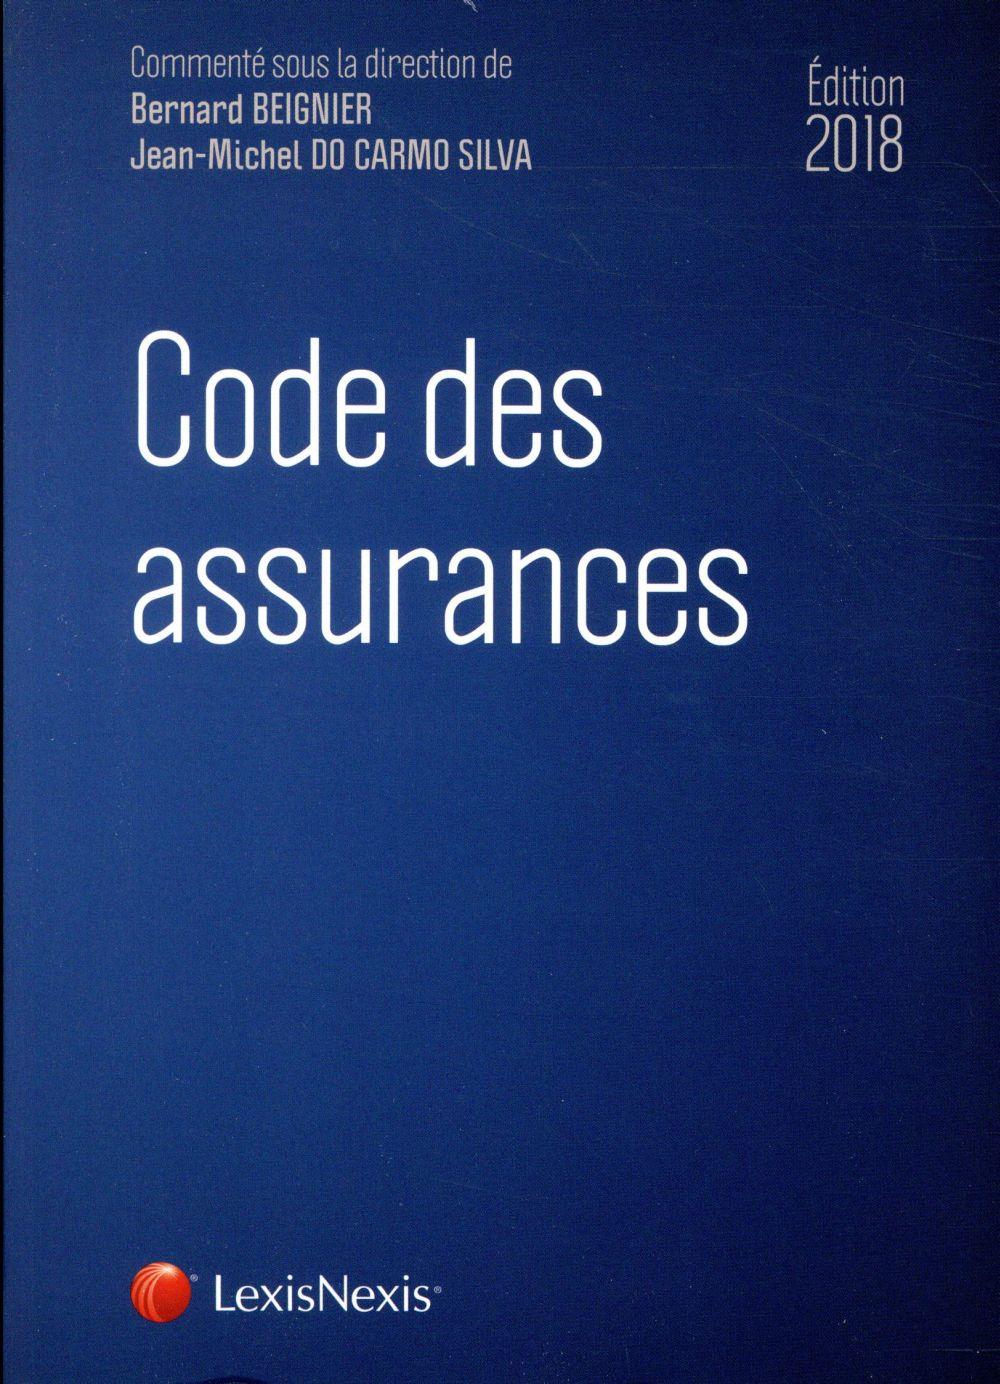 Code des assurances (édition 2018)